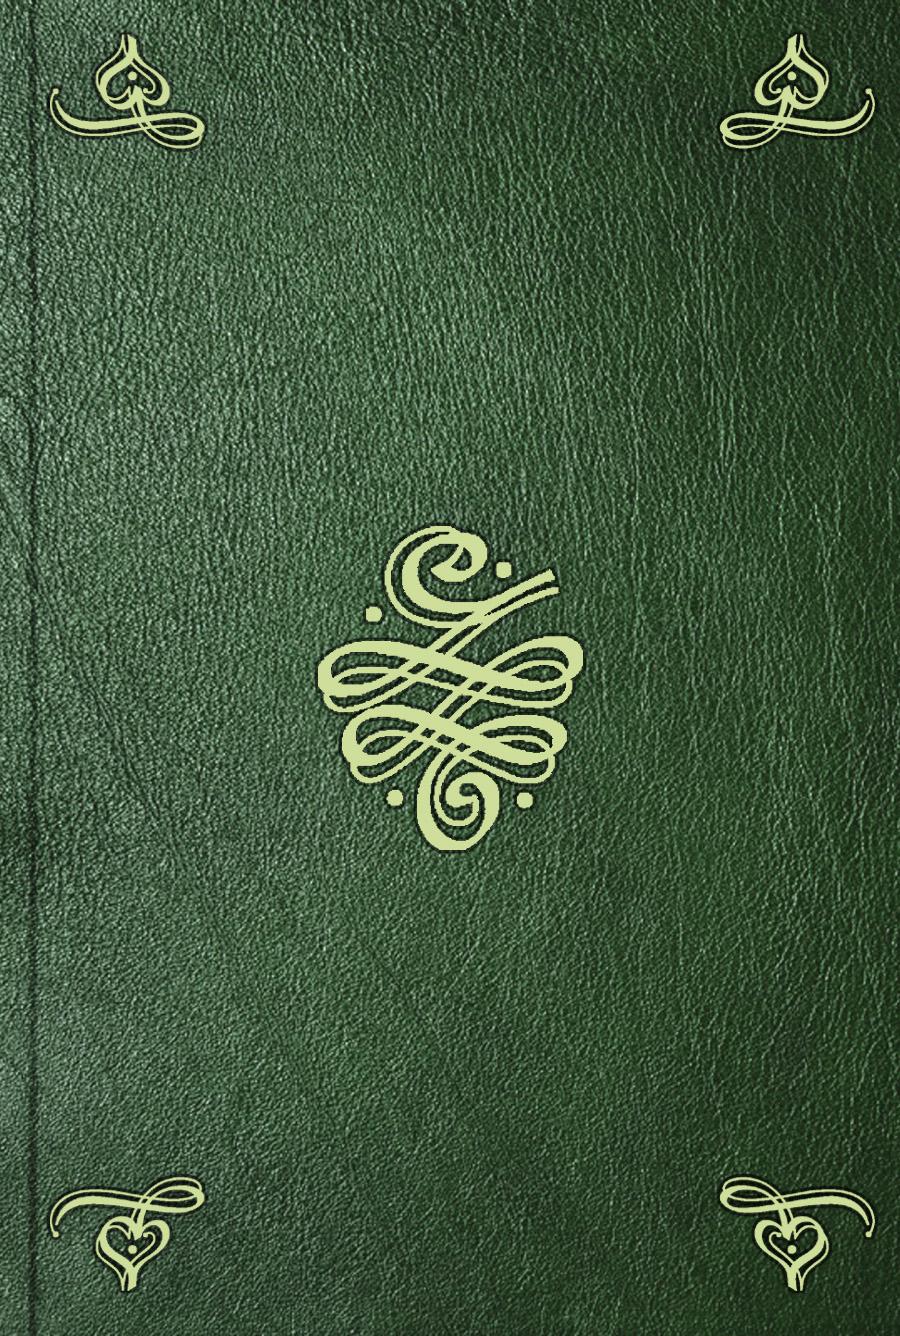 Robert Le Suire Le philosophe parvenu ou lettres et pieces originales. T. 3 луций анней сенека les oeuvres de seneque le philosophe t 6